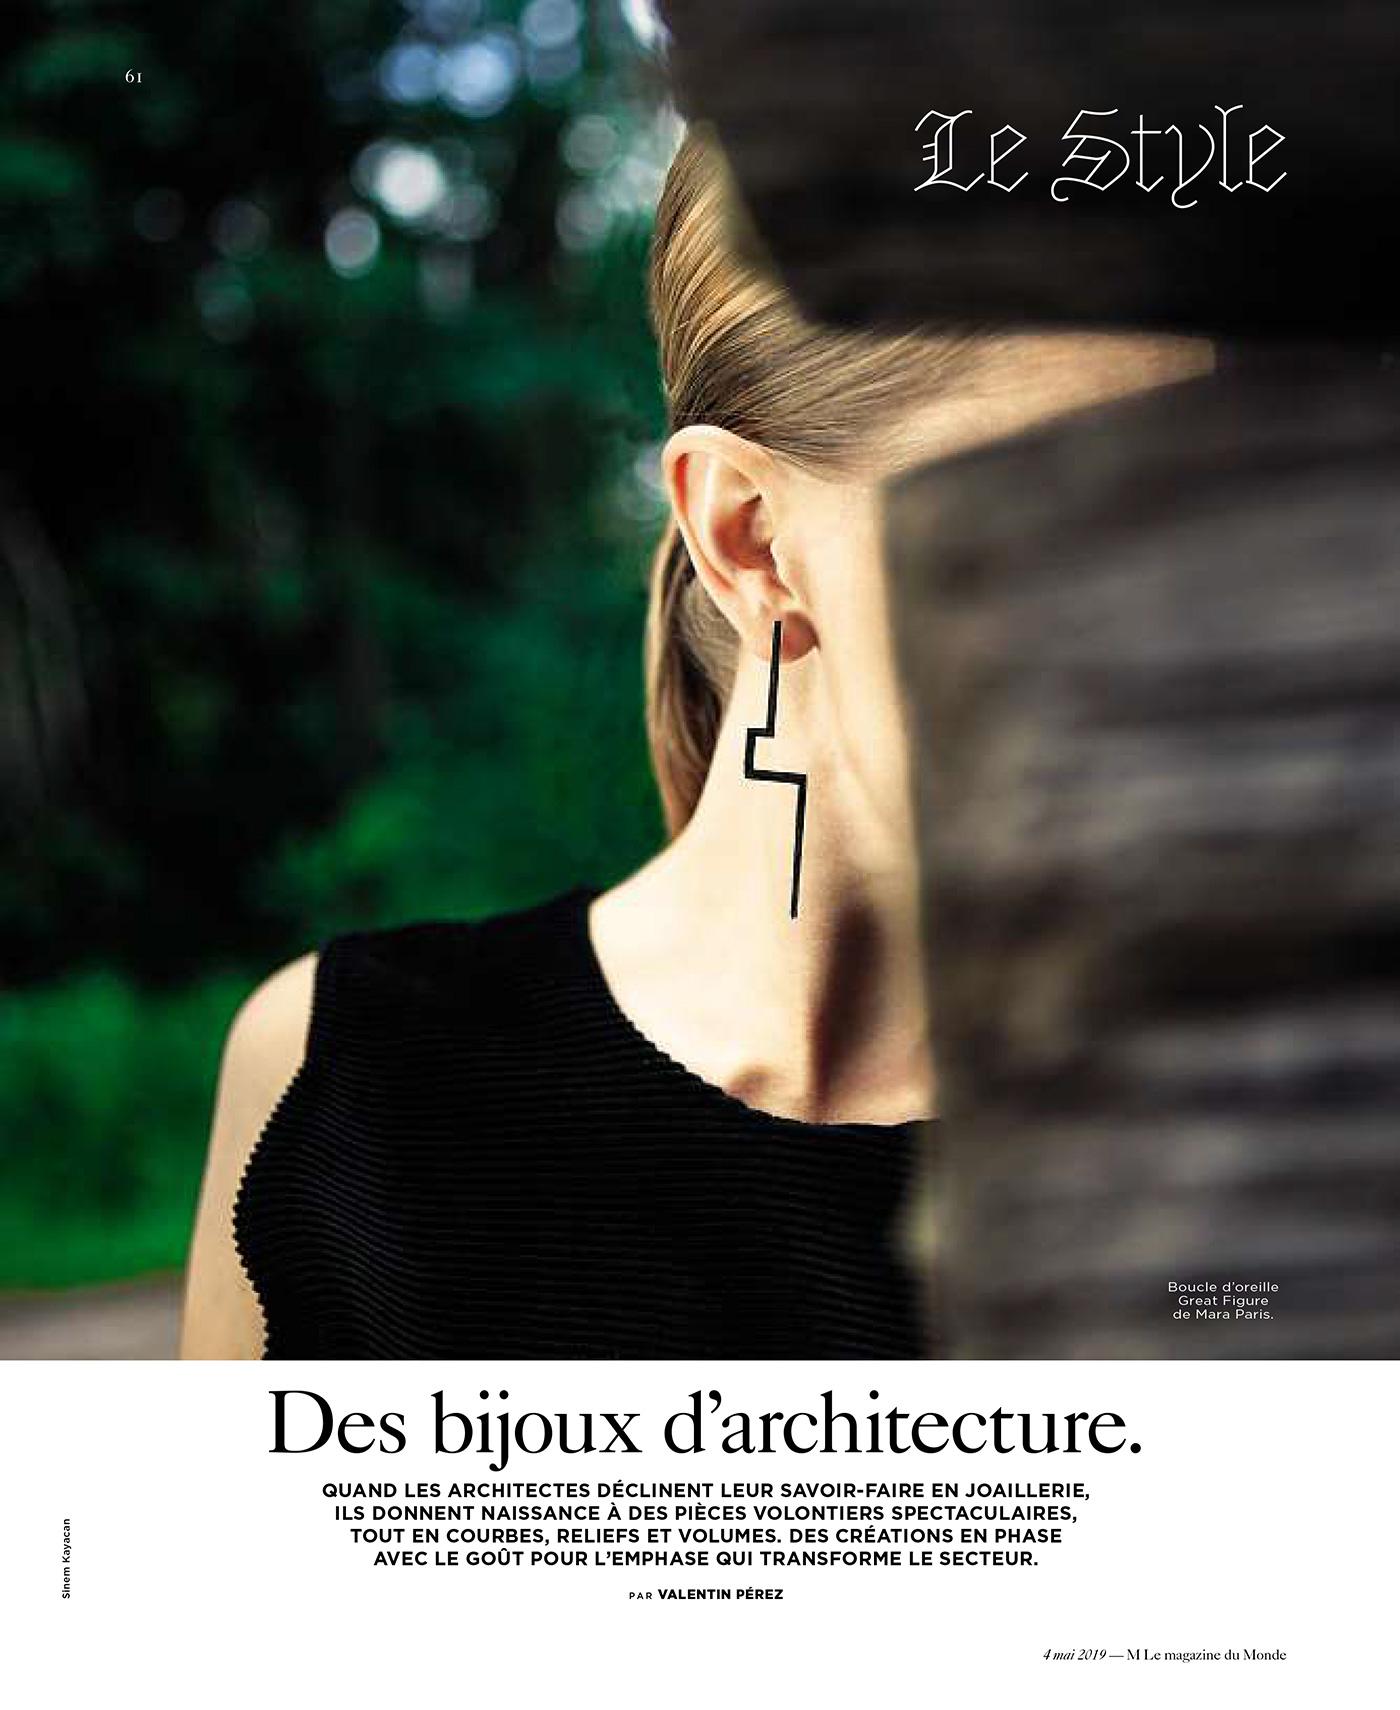 Le Monde - Des bijoux d'architecture. Par Valentin Pérez